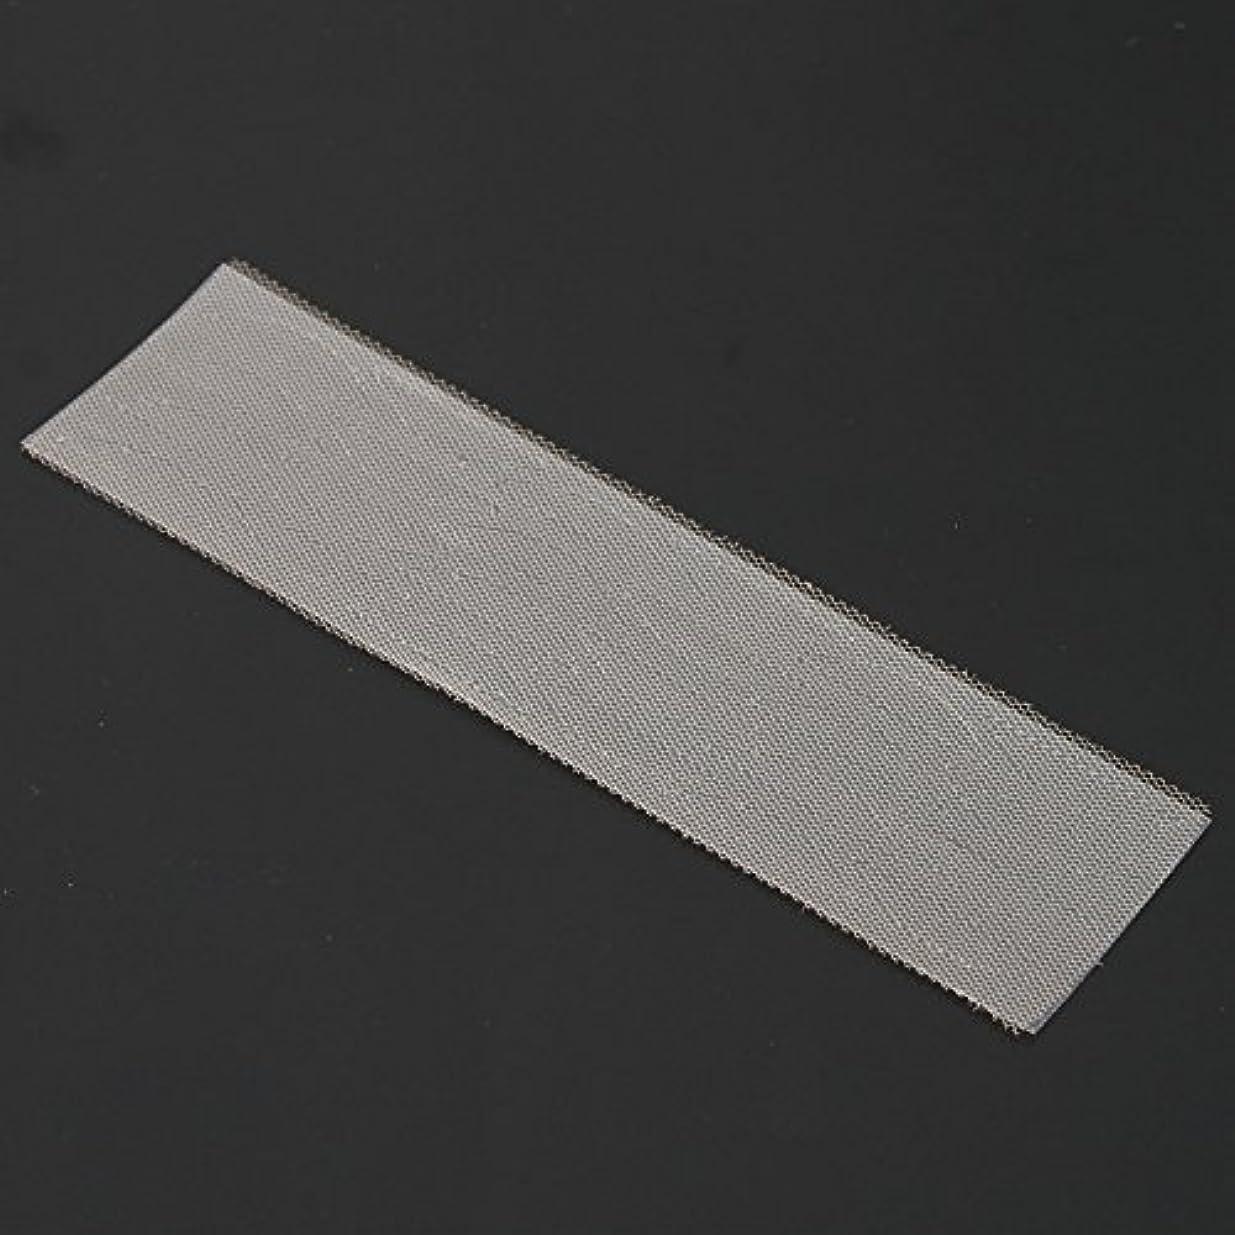 ペスト膨張するロマンチックZhaozhe 二重まぶた用 アイリッドテープ 二重整形アイテープ レース 四枚(96個)